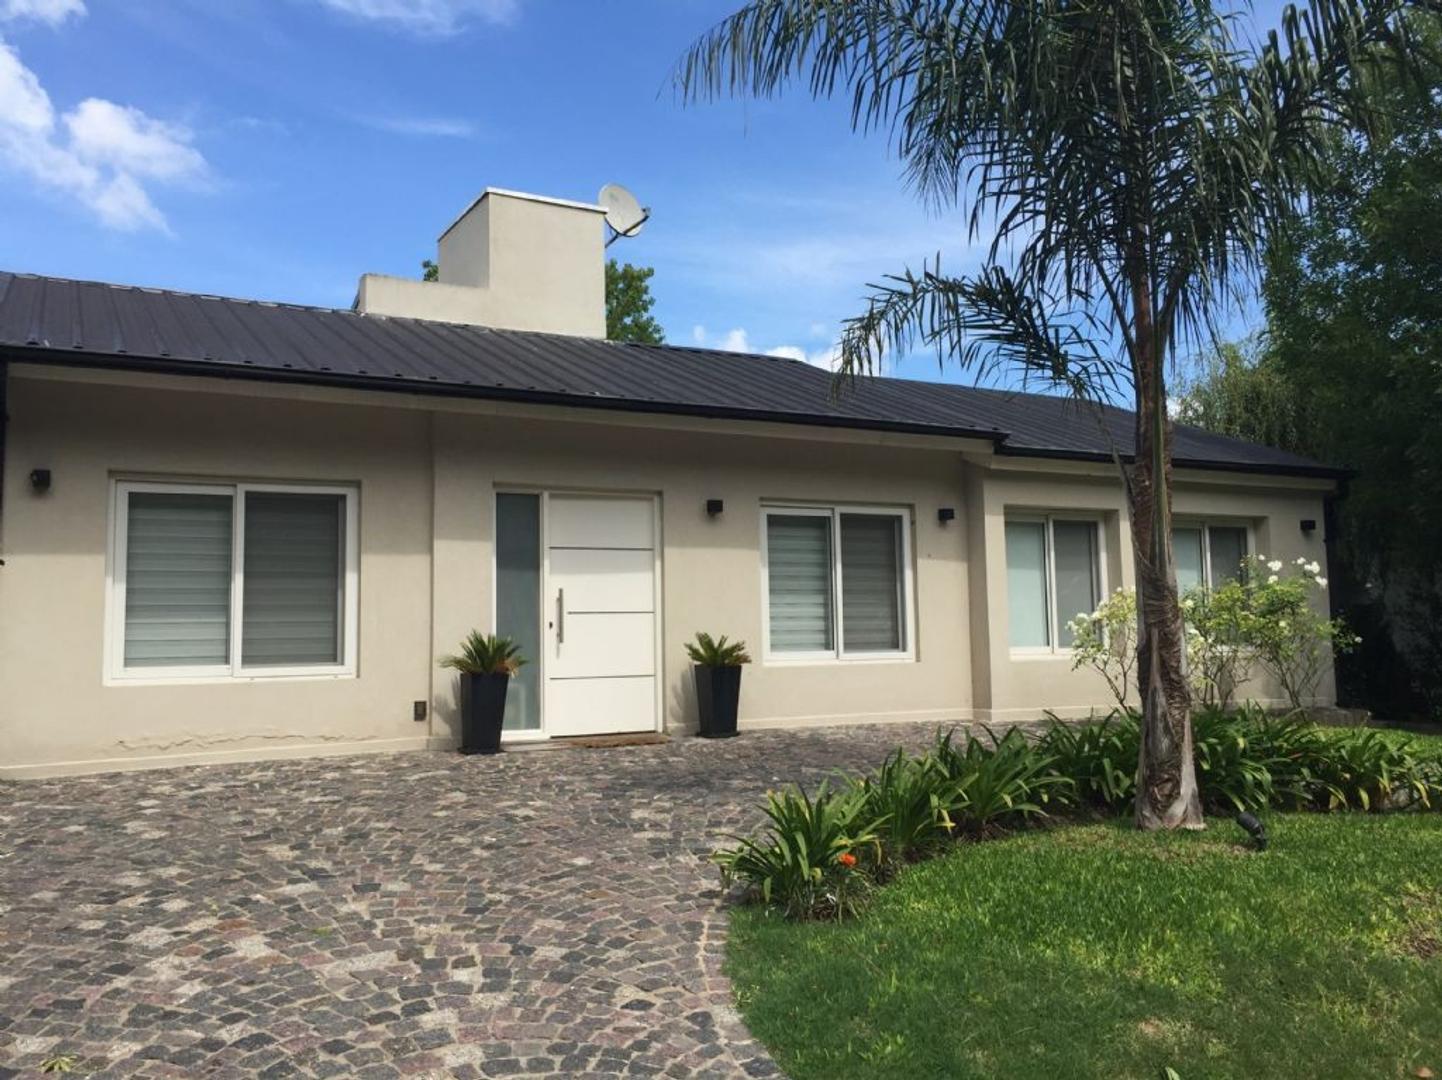 Casa  en Venta  C.C. Banco Provincia, Zona Oeste - OES0857_LP117460_1